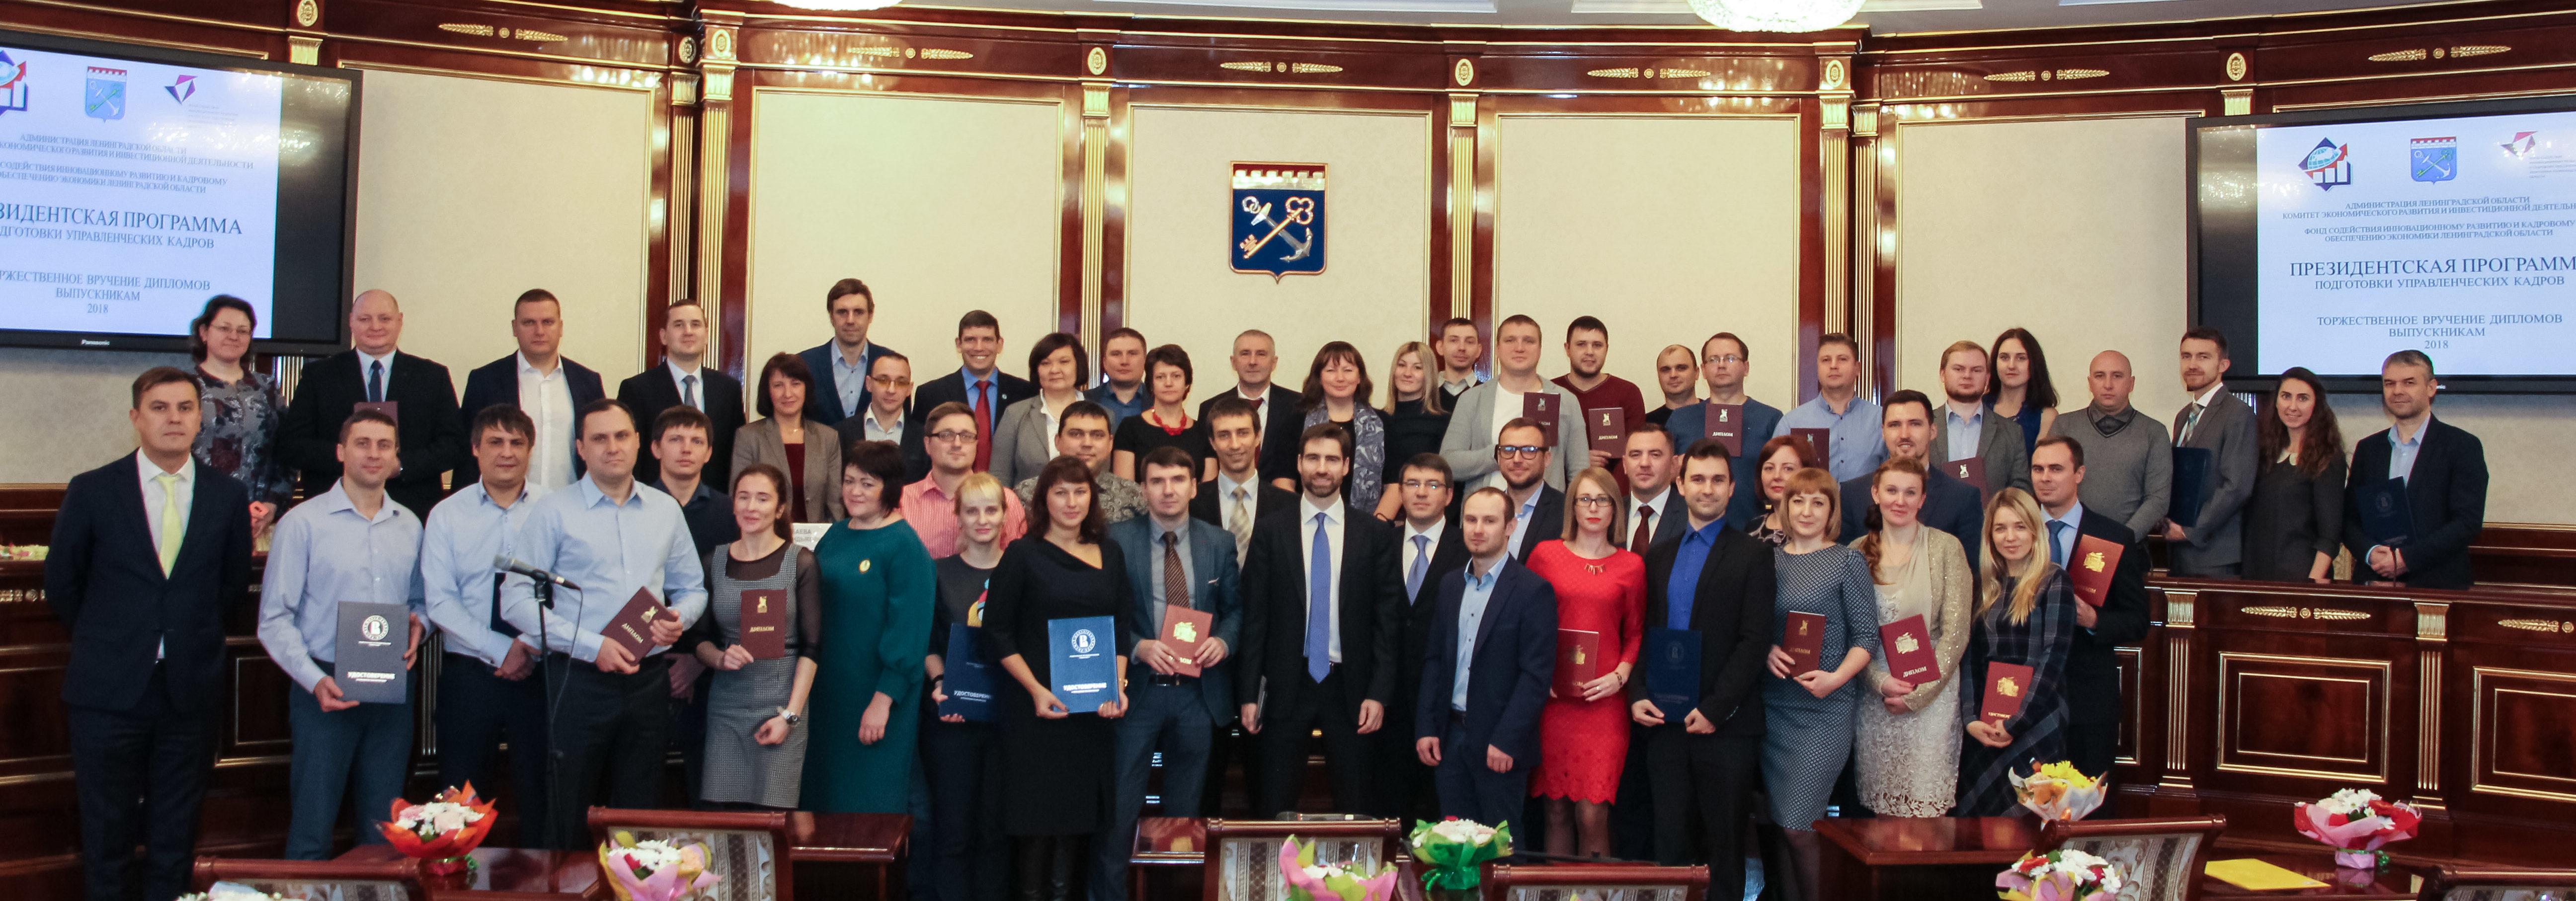 Вручения дипломов выпускникам Президентской программы 2017/2018